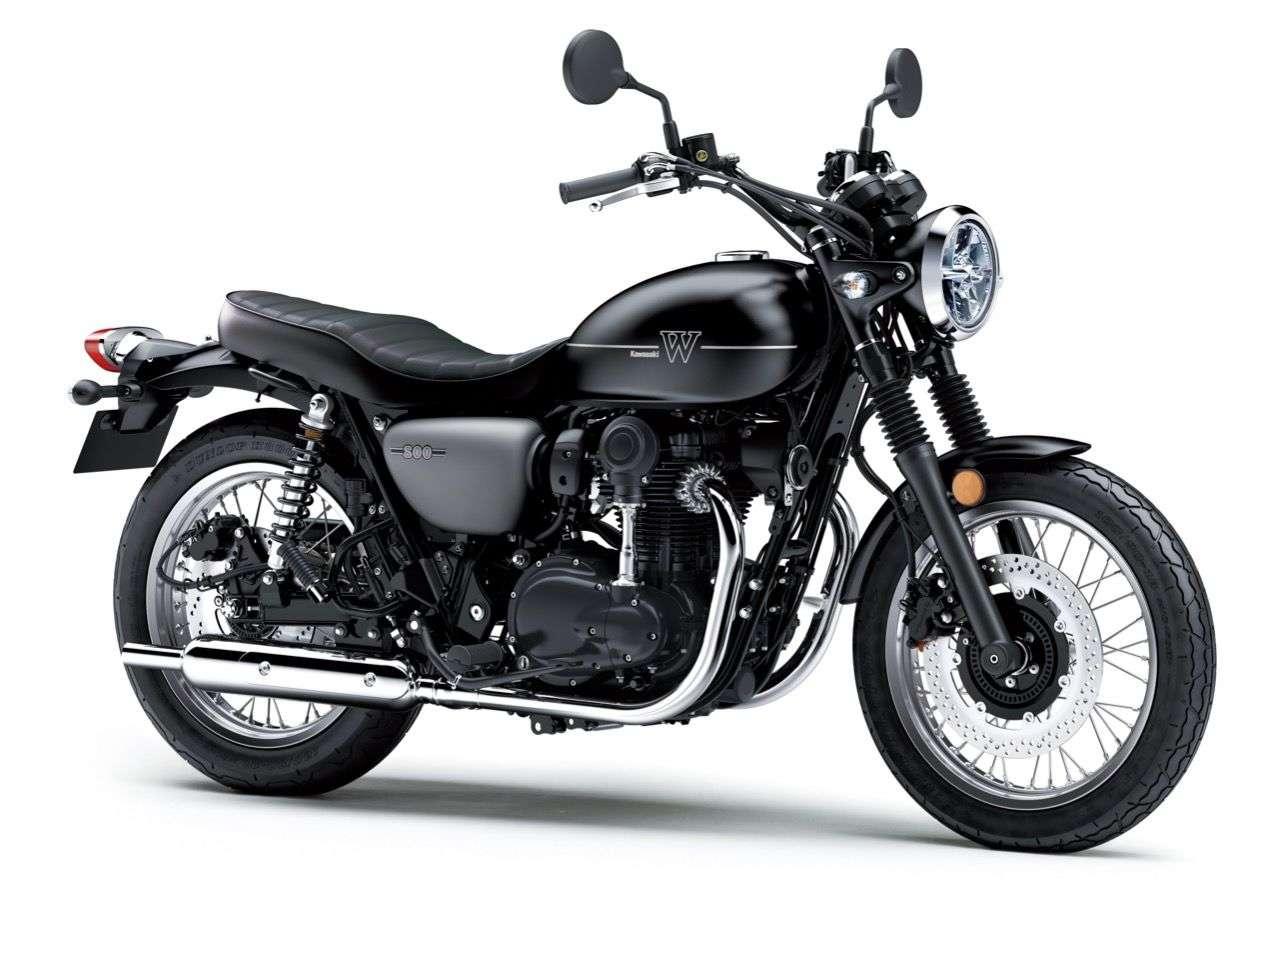 Die Kawasaki W800 kehrt 2019 zurück!